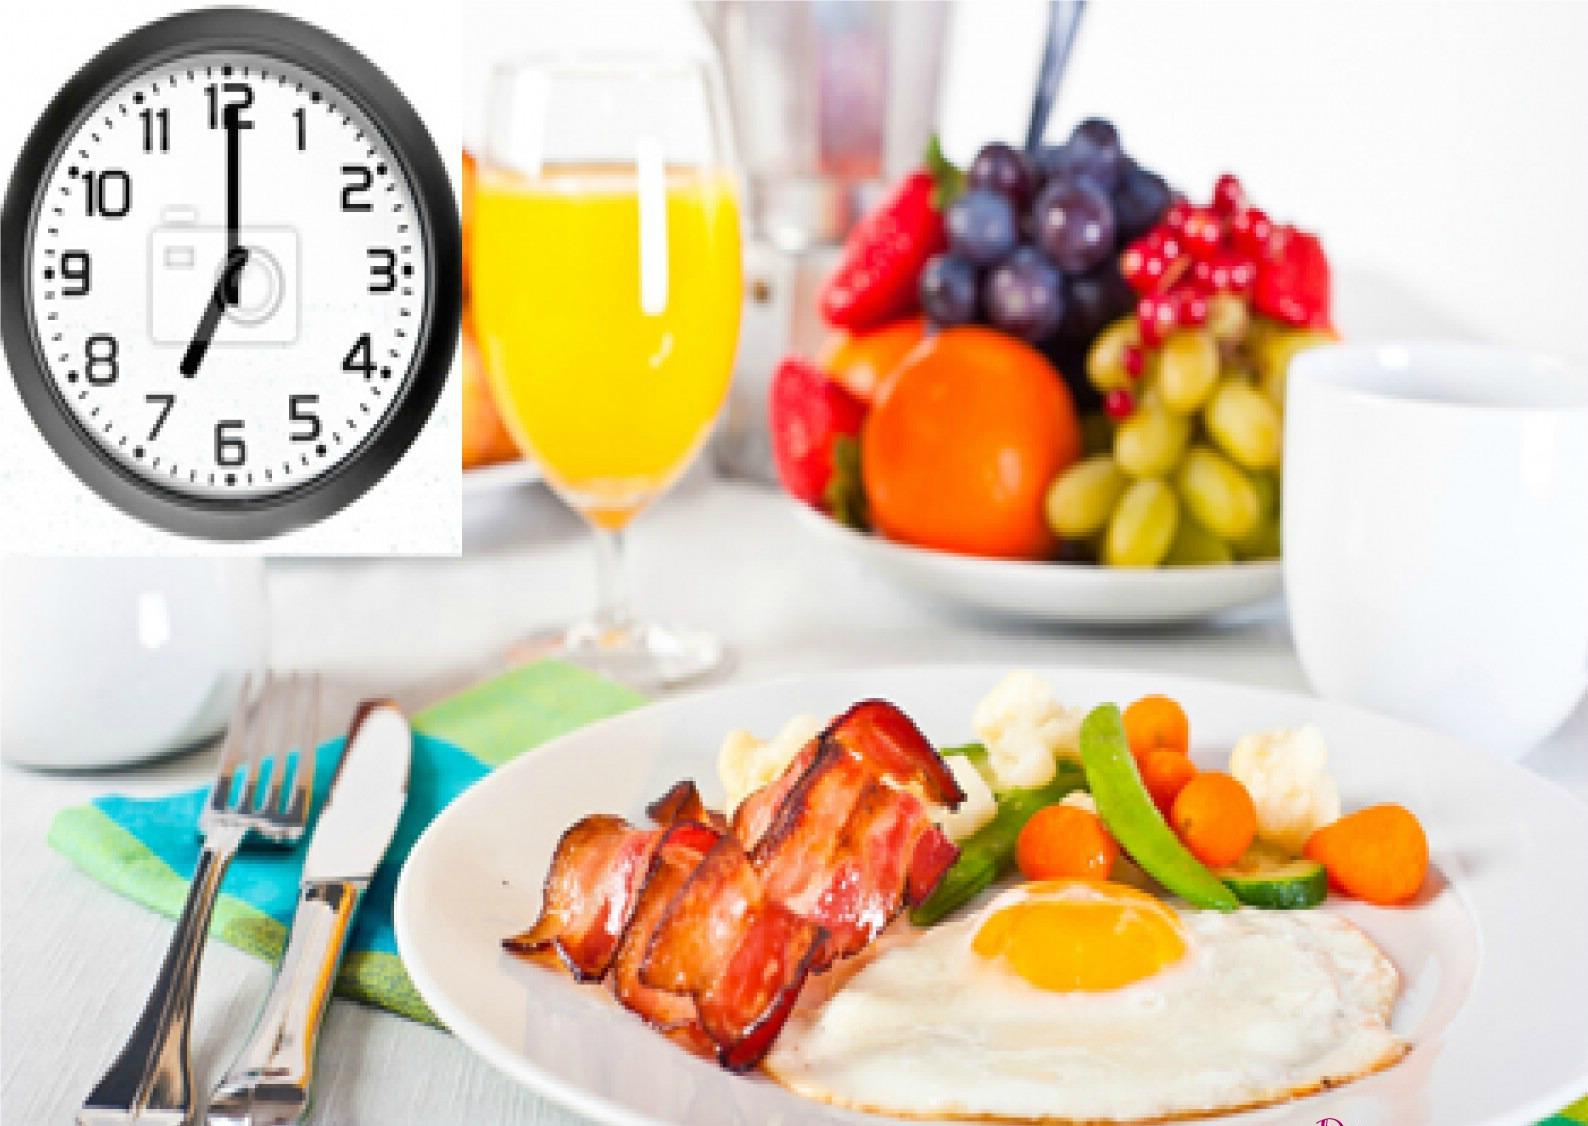 Lên menu cho thực đơn tăng cân trong 7 ngày